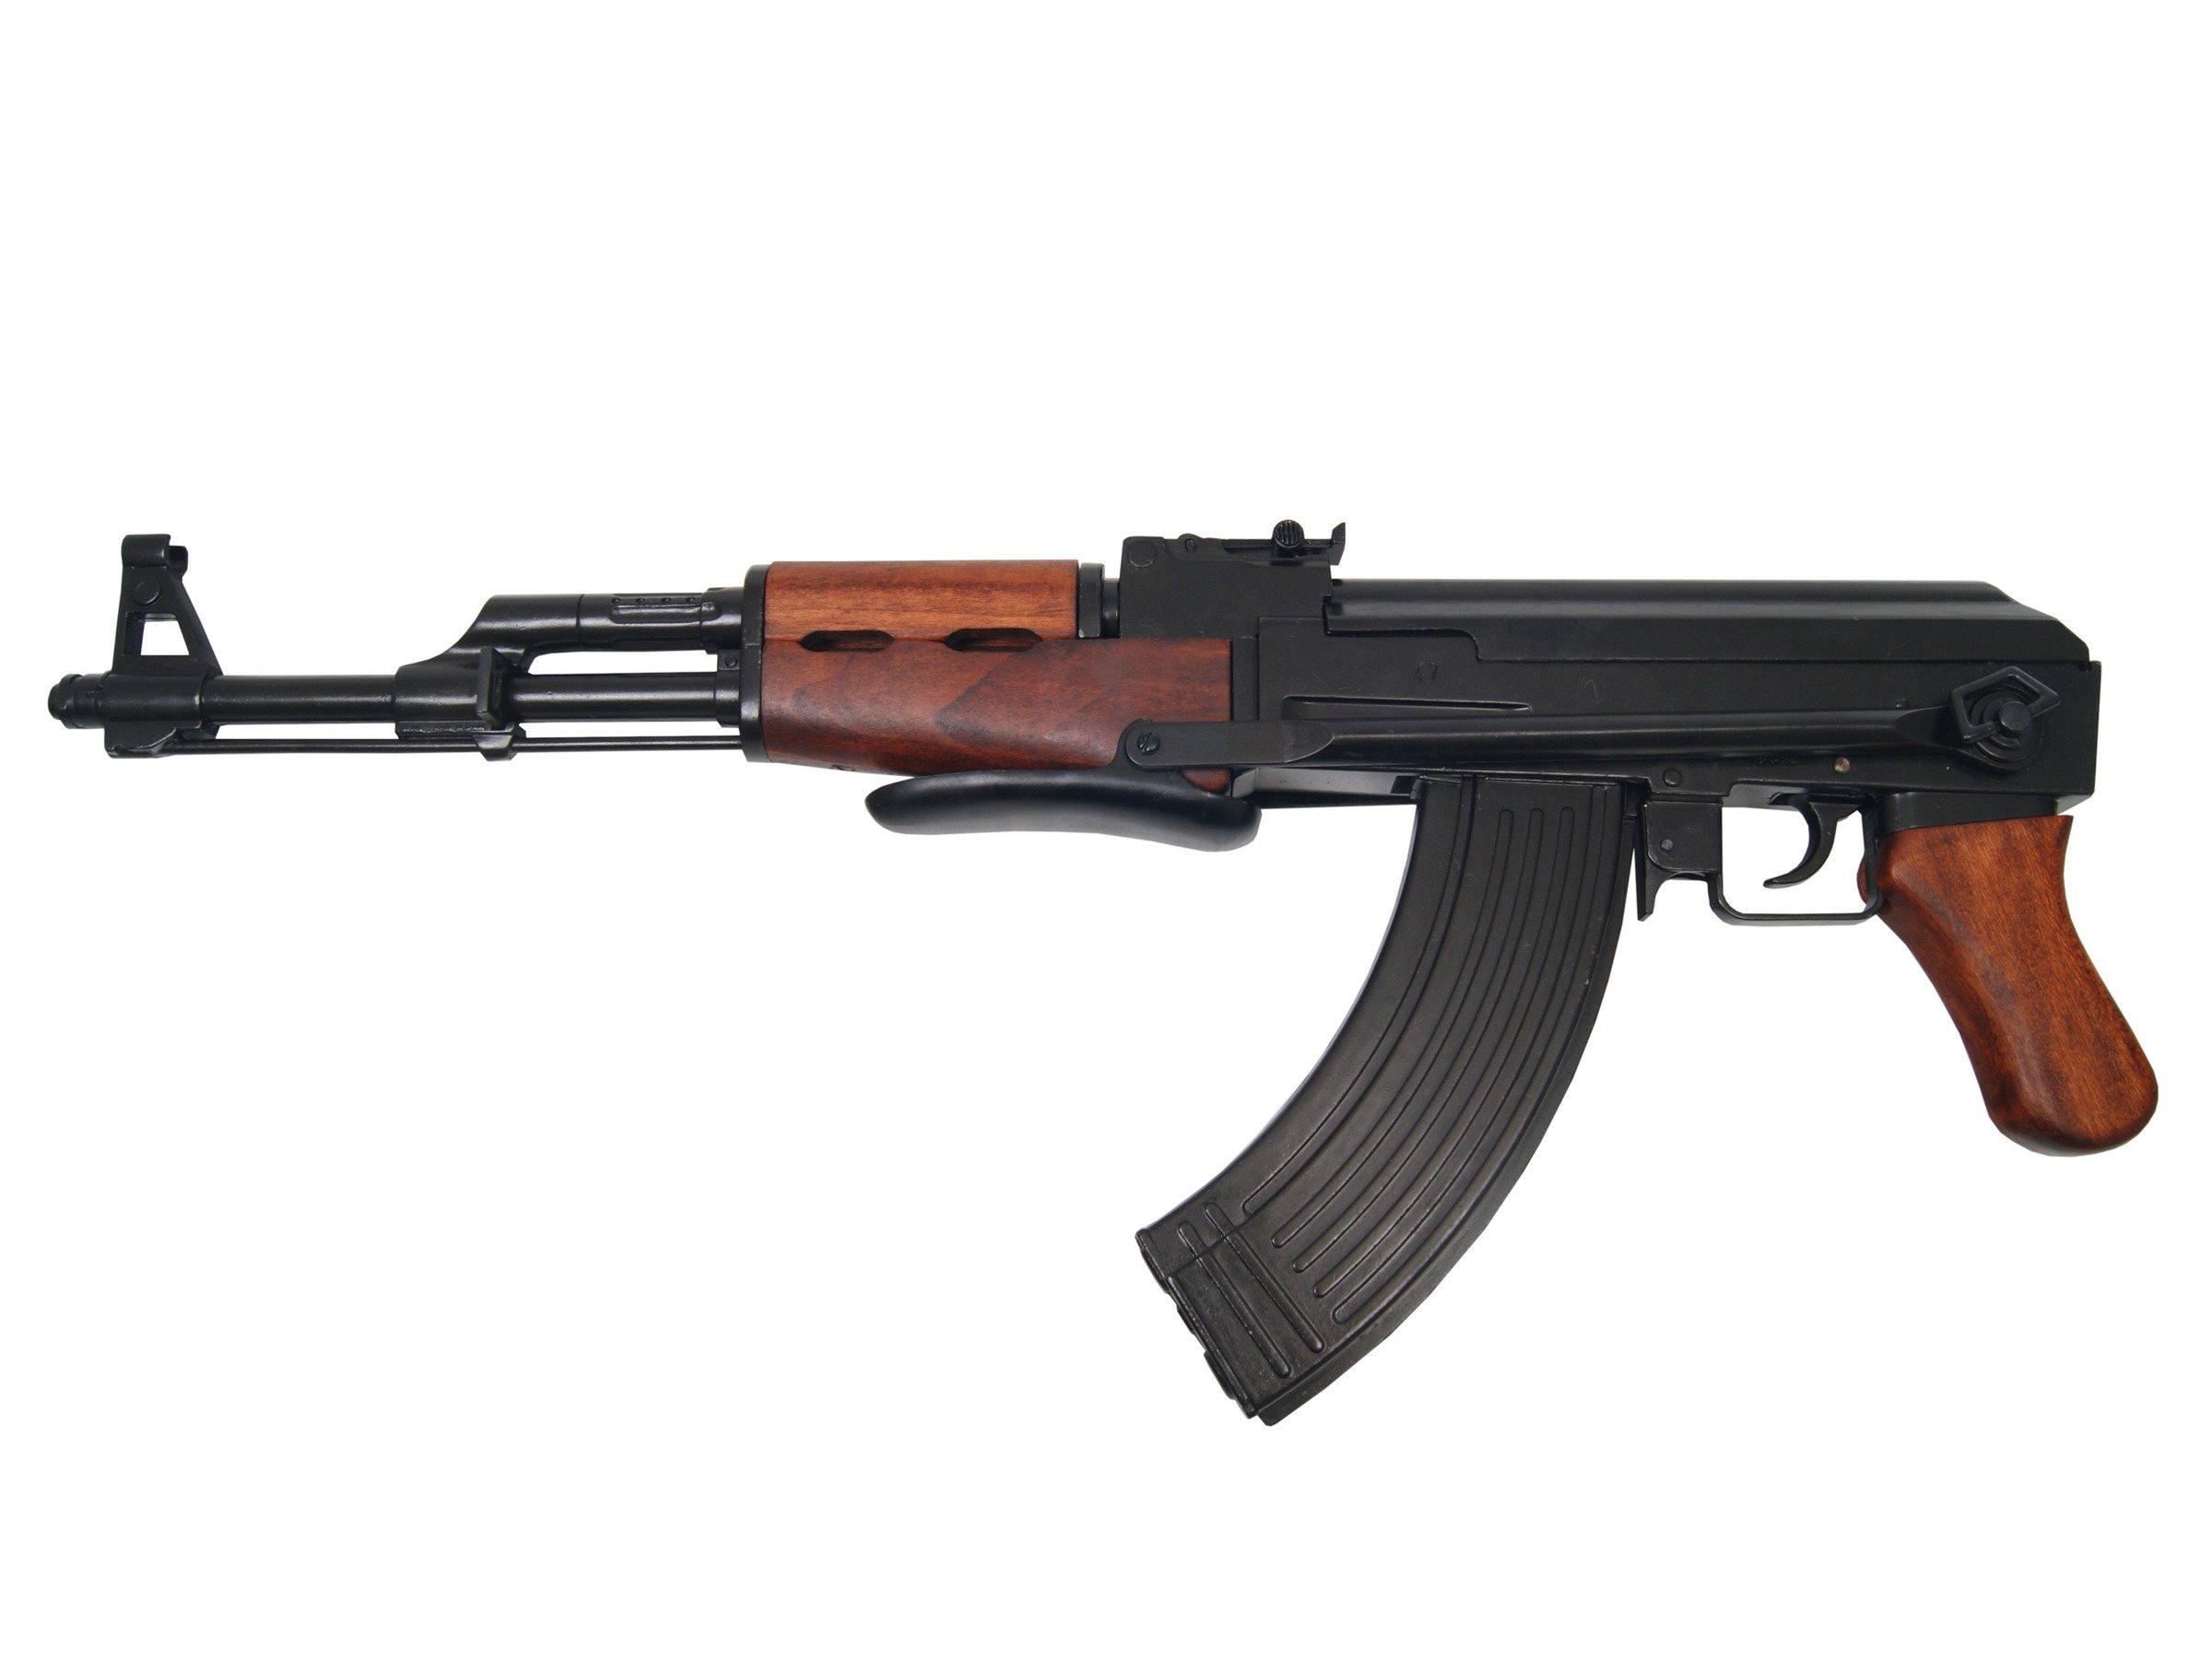 AK-47 assault rifle - folding stock - model gun